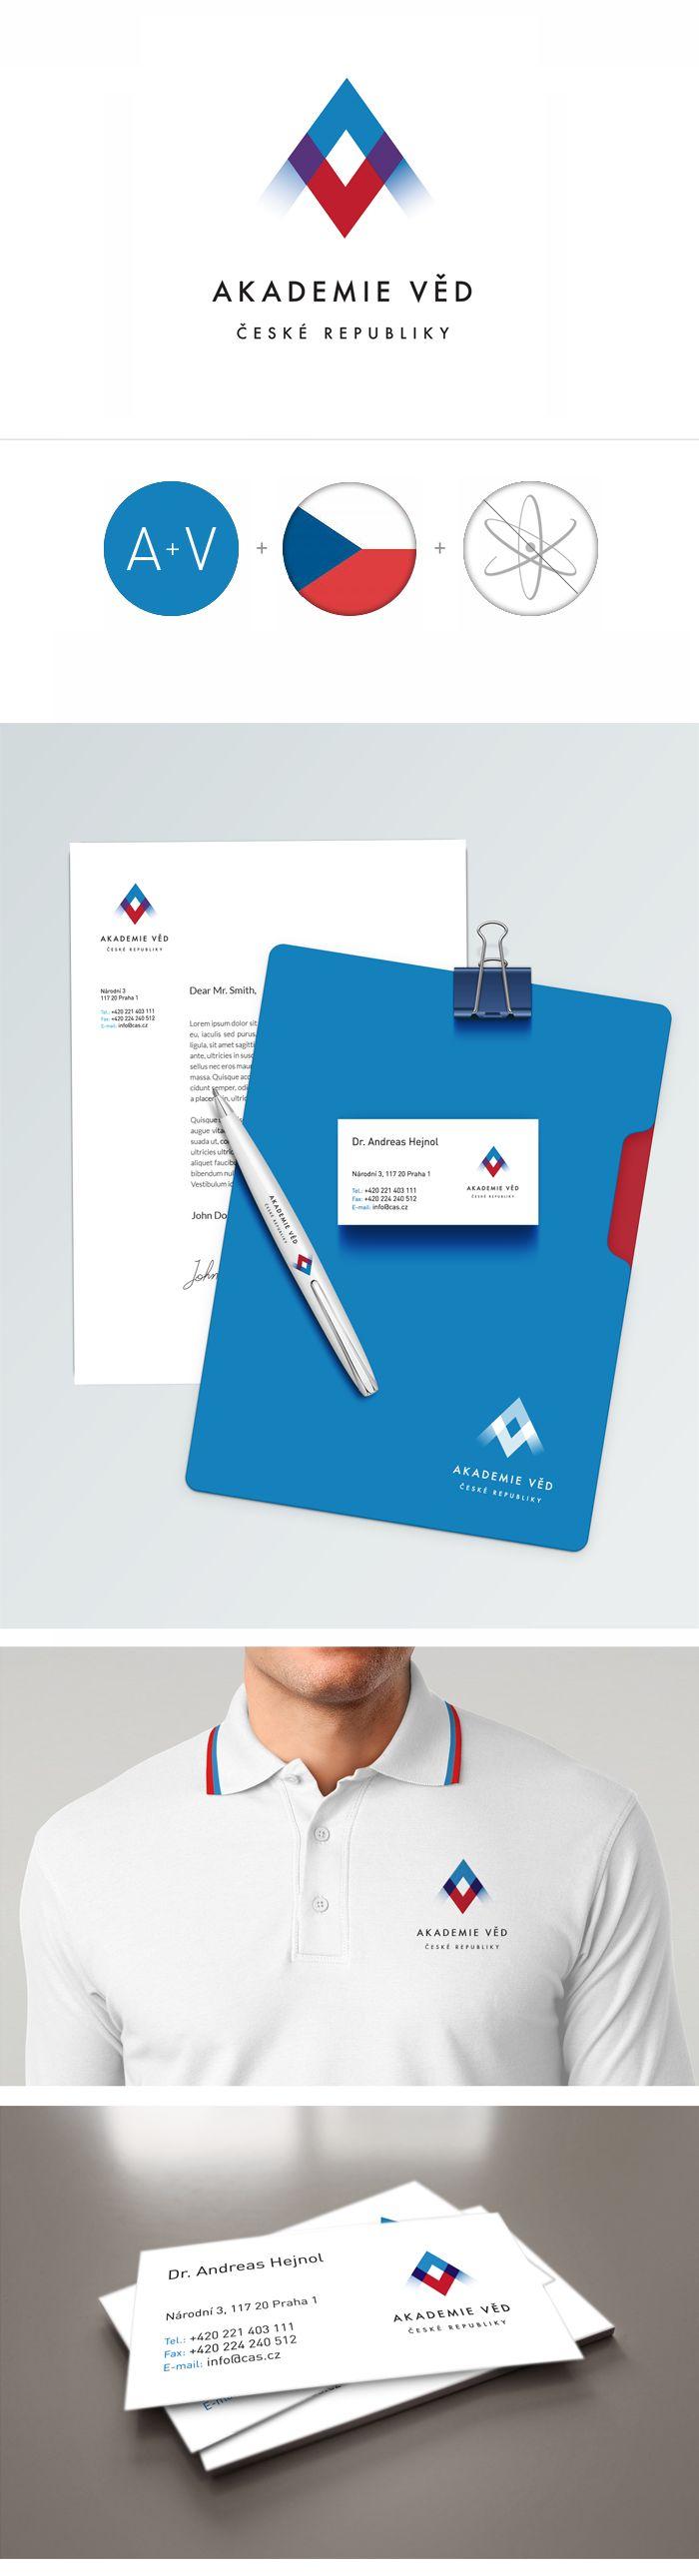 Academy of science Czech Republic identity